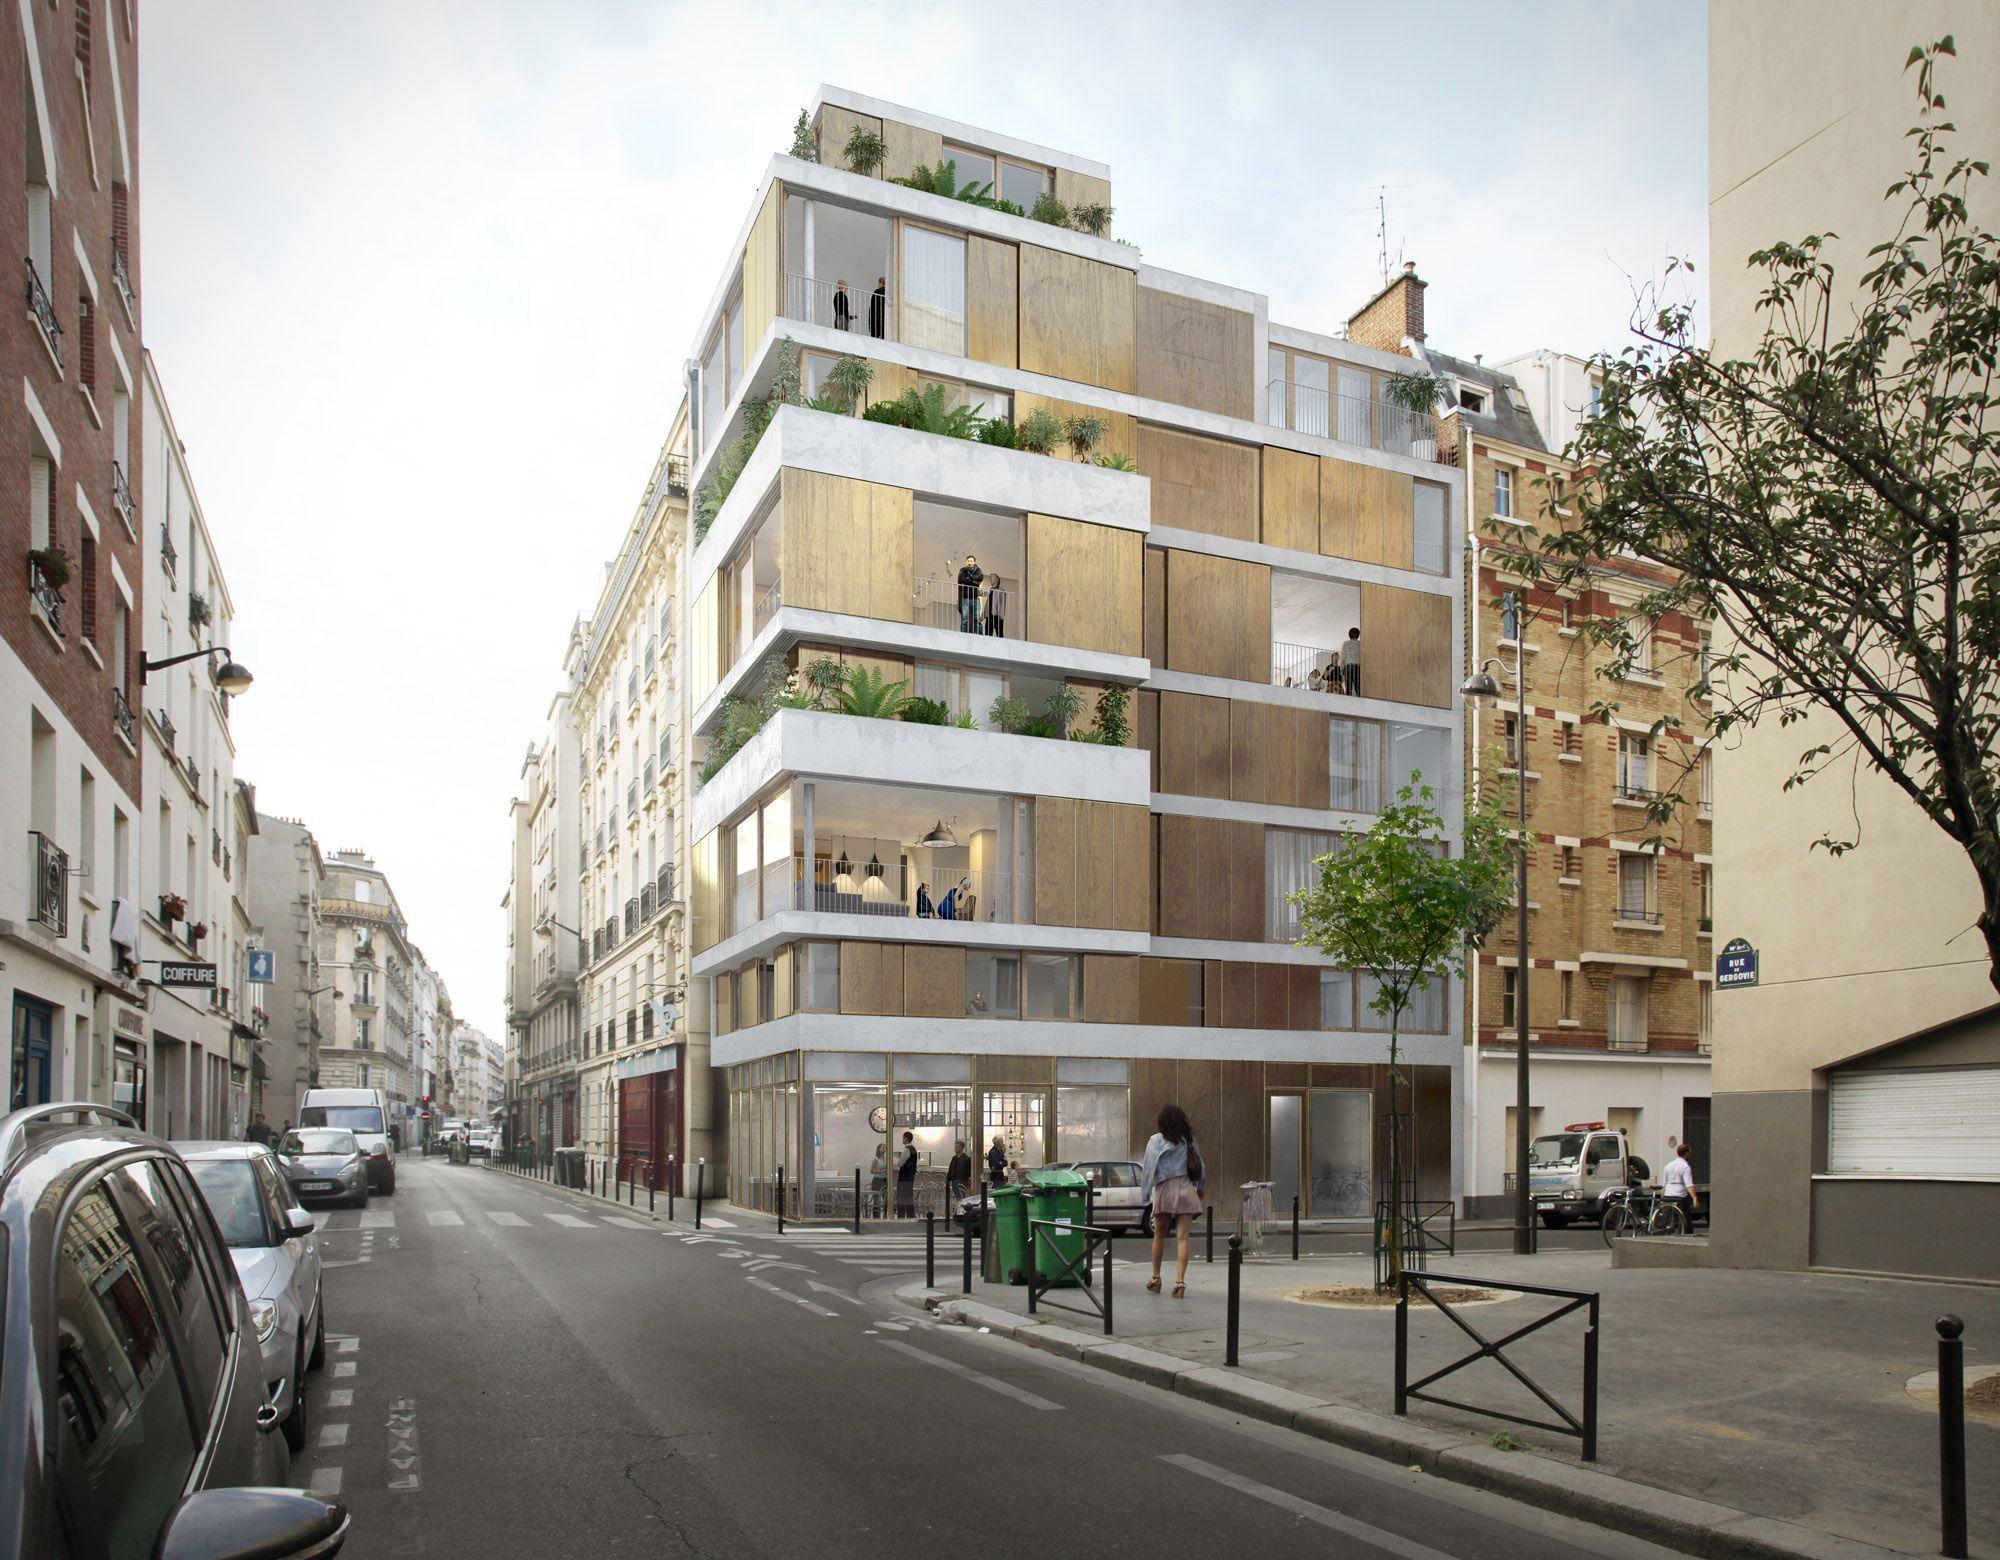 raum 10 logements pour la rivp paris archi pinterest logement paris et architecture. Black Bedroom Furniture Sets. Home Design Ideas